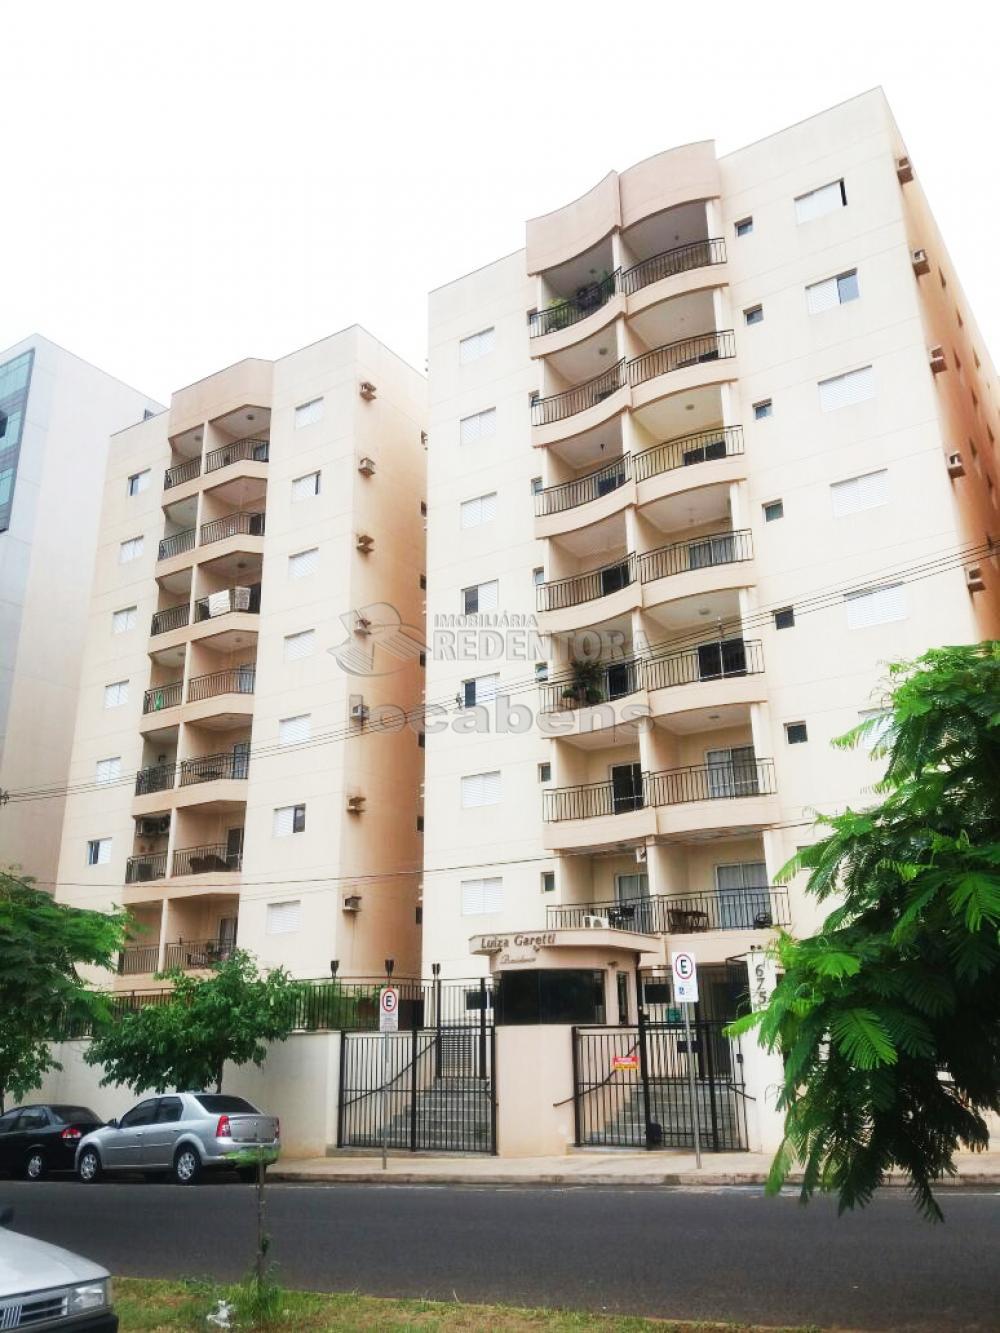 Comprar Apartamento / Padrão em São José do Rio Preto R$ 460.000,00 - Foto 17